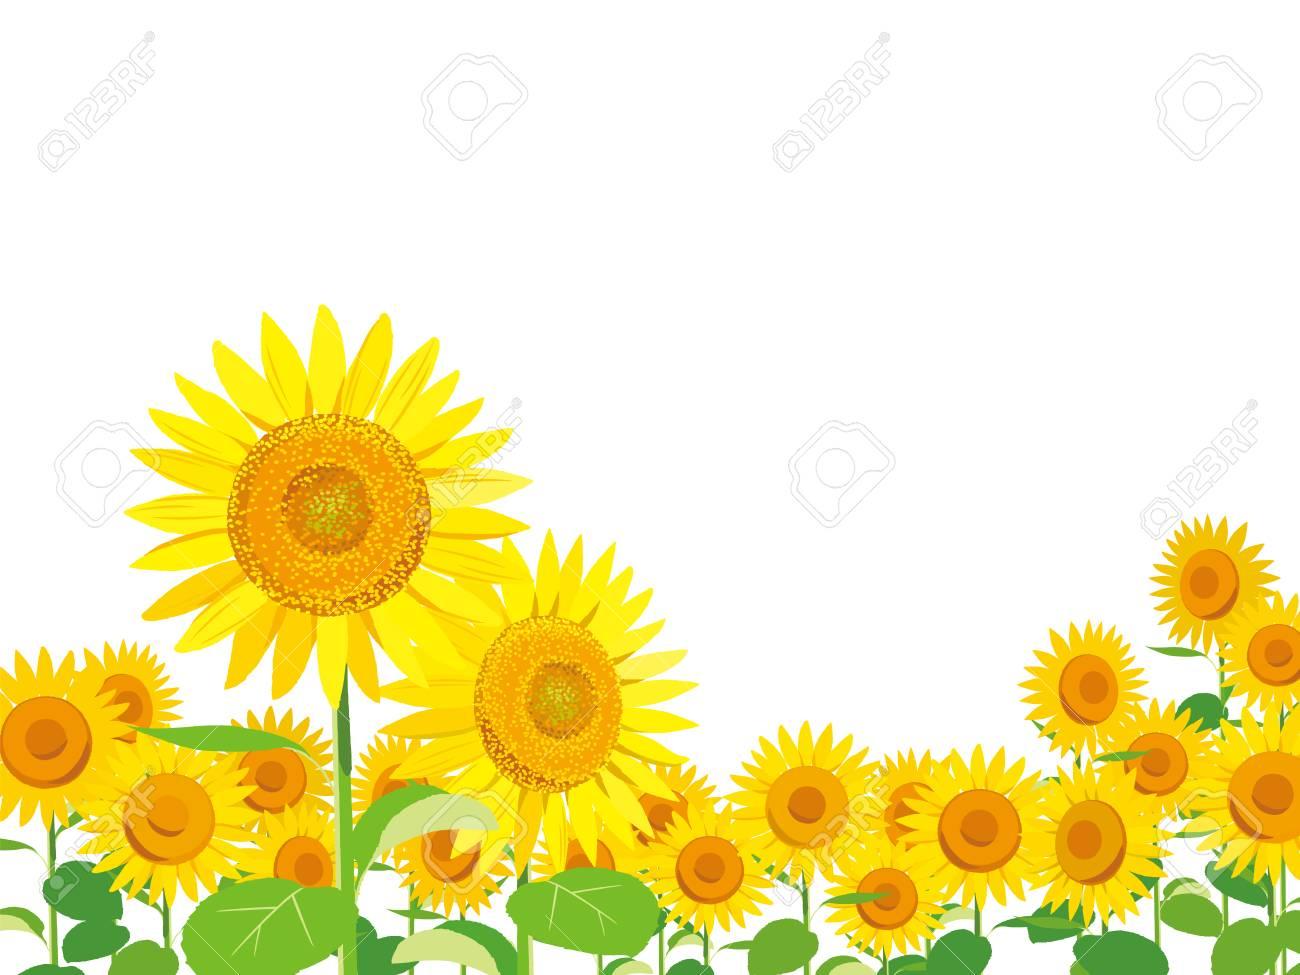 ベクトル イラスト 壁紙と背景ひまわりの庭と空を景色します のイラスト素材 ベクタ Image 8044